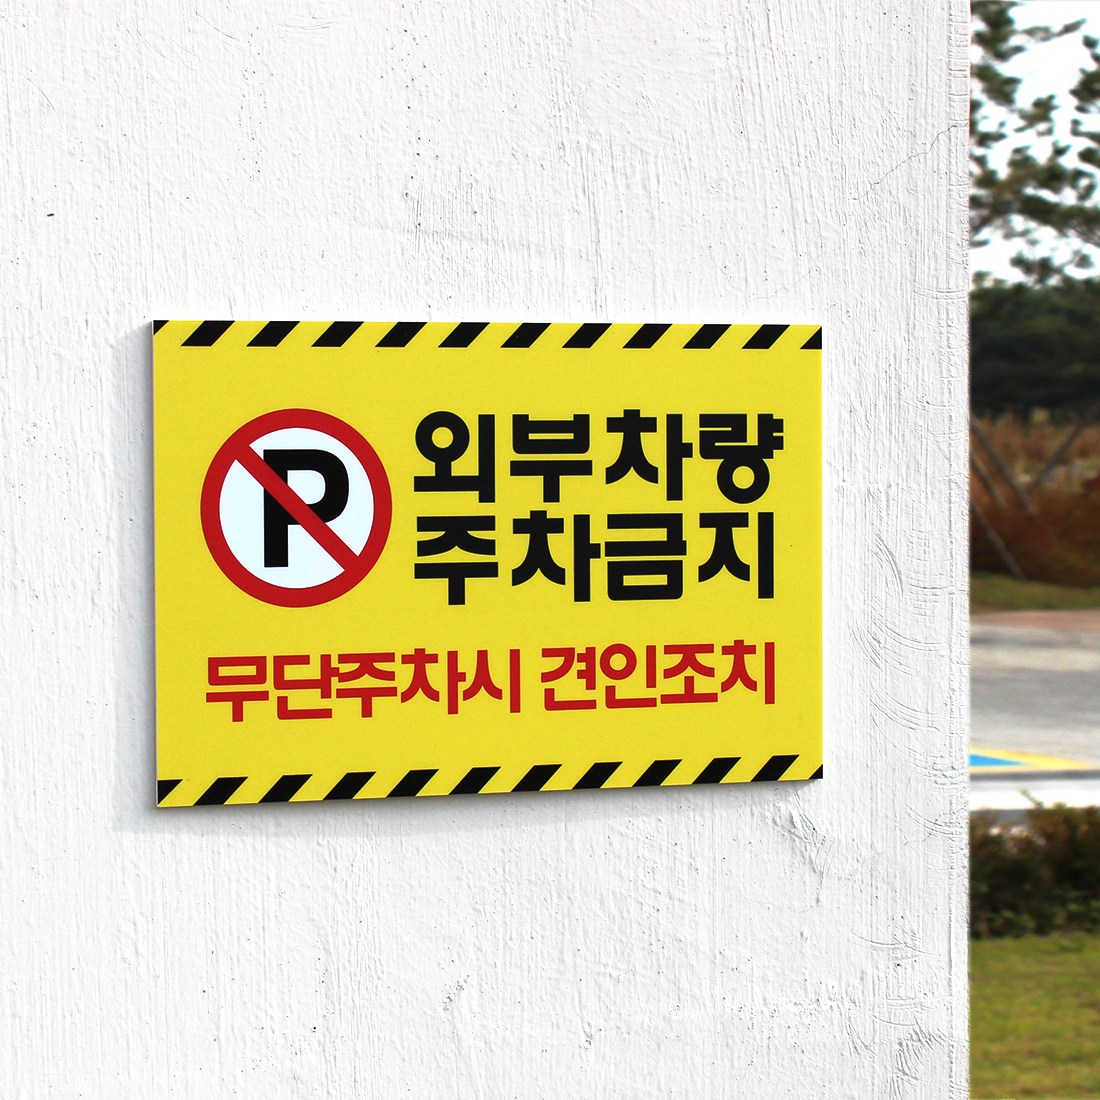 아크릴마트 주차금지표시판 주차안내 외부차량주차금지 견인조치 주차금지표지판, 디자인 KPB-03 / 사이즈 300 x 200 mm (POP 161679355)